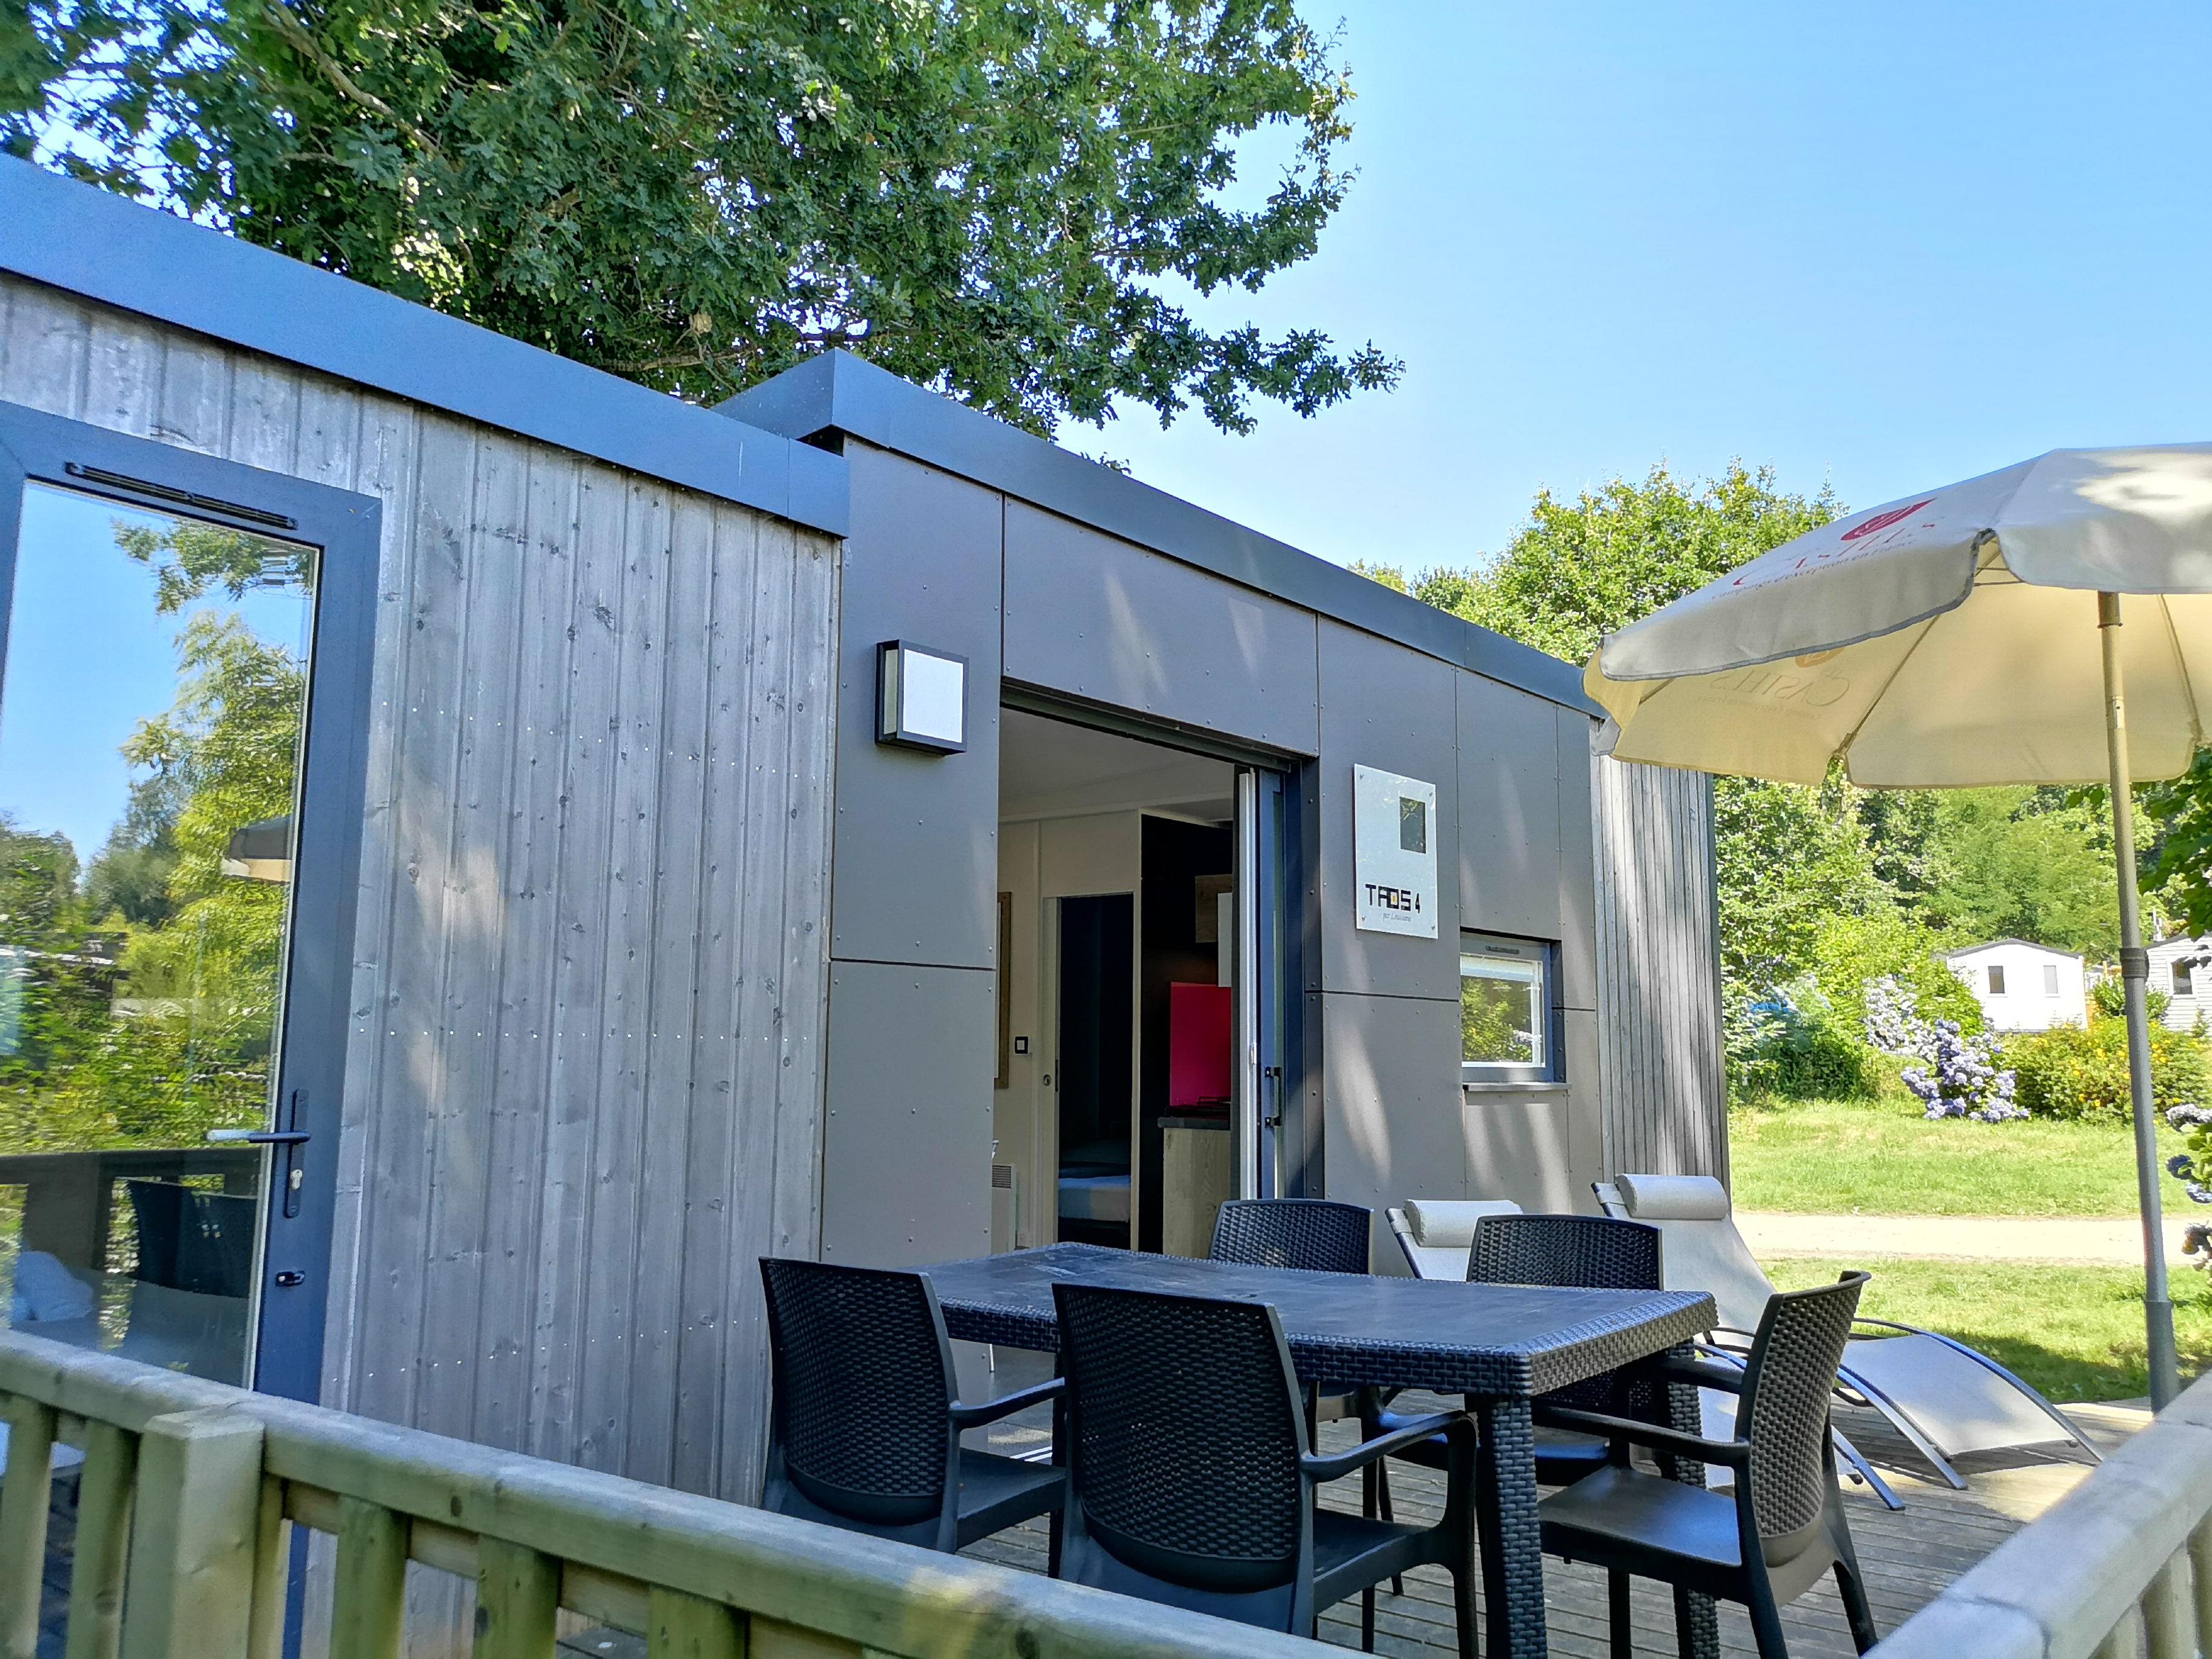 Location - Taos Nature Luxe 2 Ch 2 Salles De Bain 38 M² + Terrasse En Bois 18 M²- Lits Faits À L'arrivée Et Serviettes Fournies - Camping Castel L'Orangerie de Lanniron